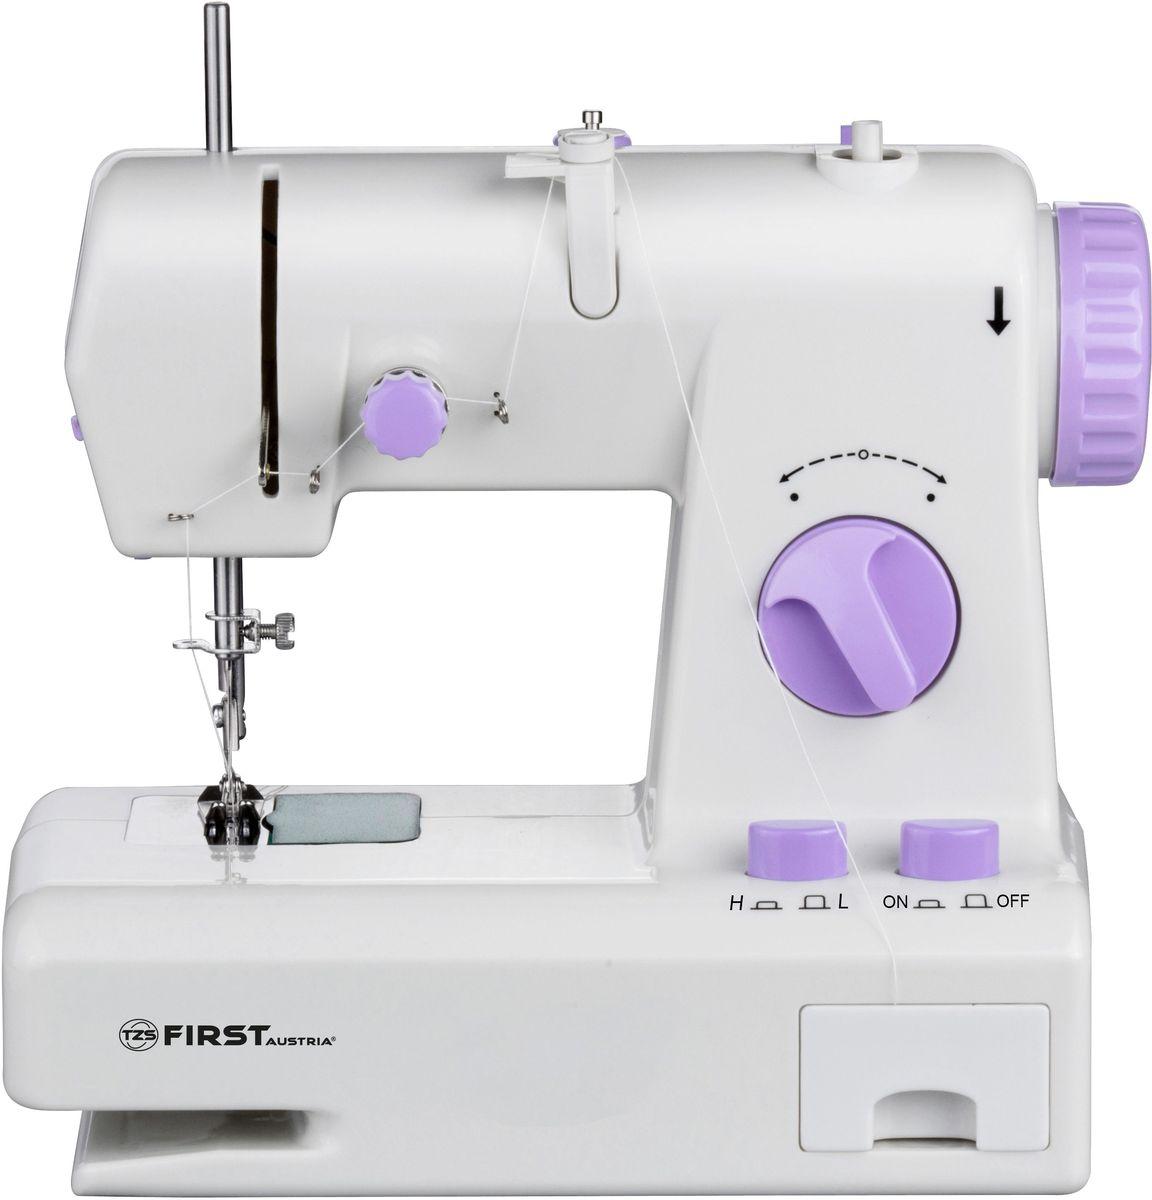 First FA-5700-1 швейная машина, Purple - Швейные машины и аксессуары